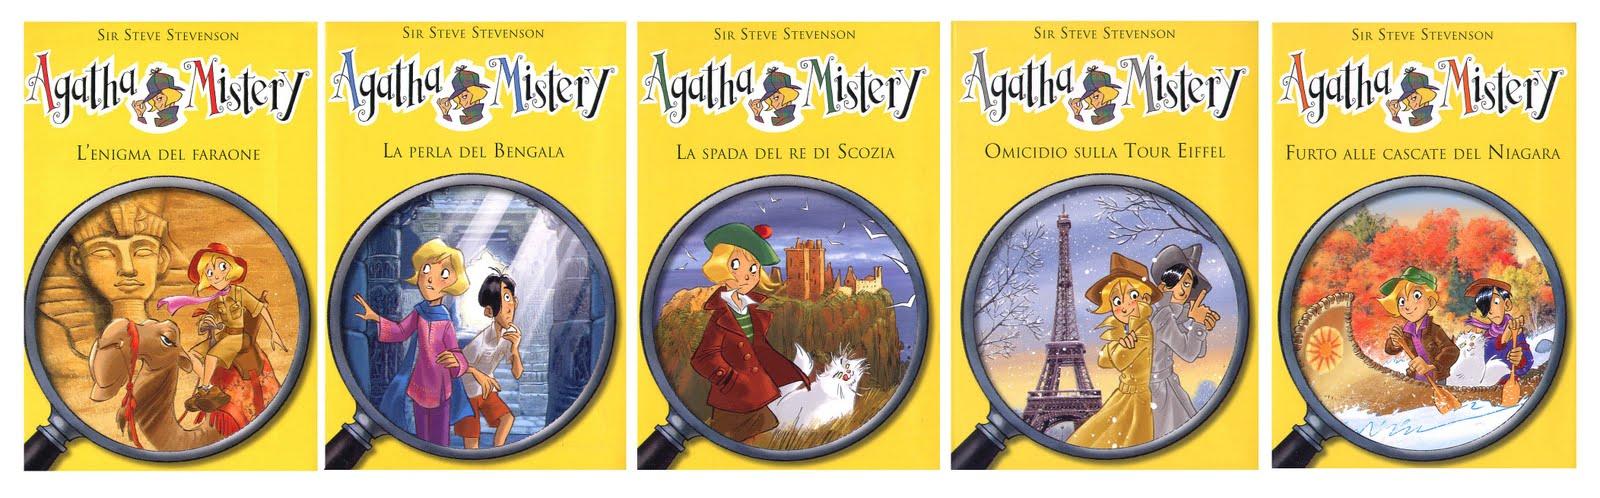 agatha mistery libri  Negozio di sconti online,agatha mistery libri